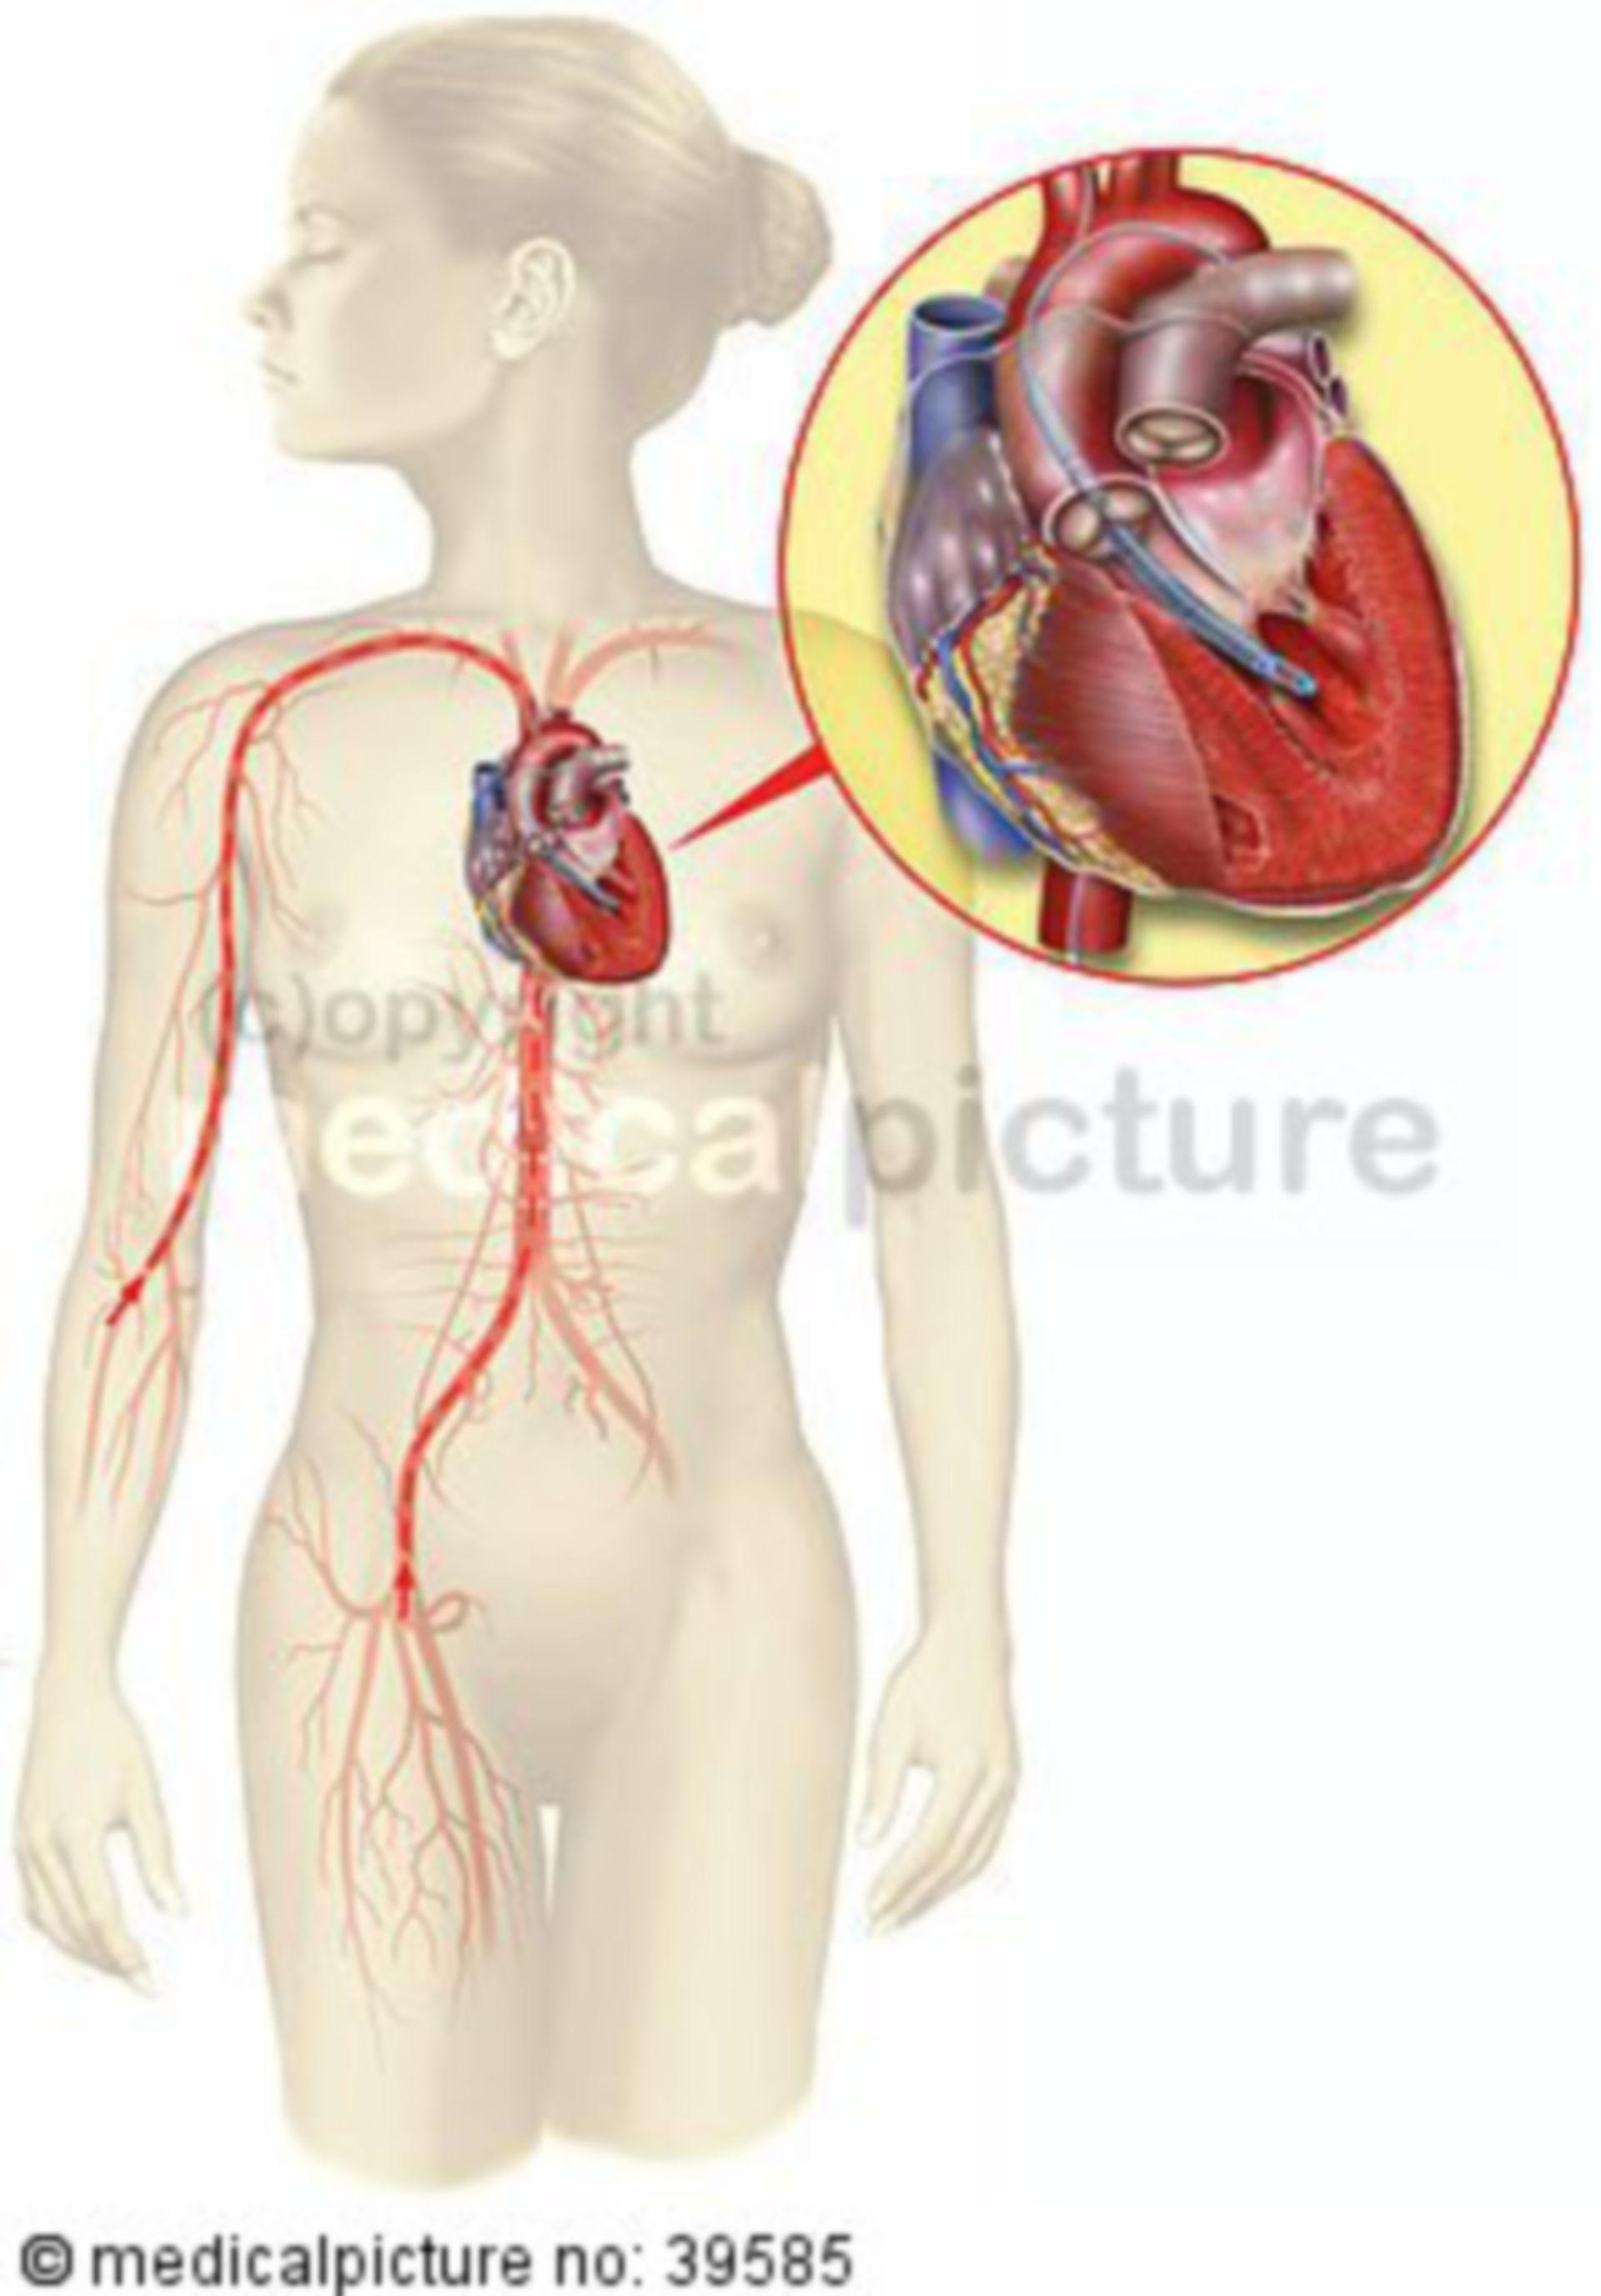 Minimally invasive heart pump